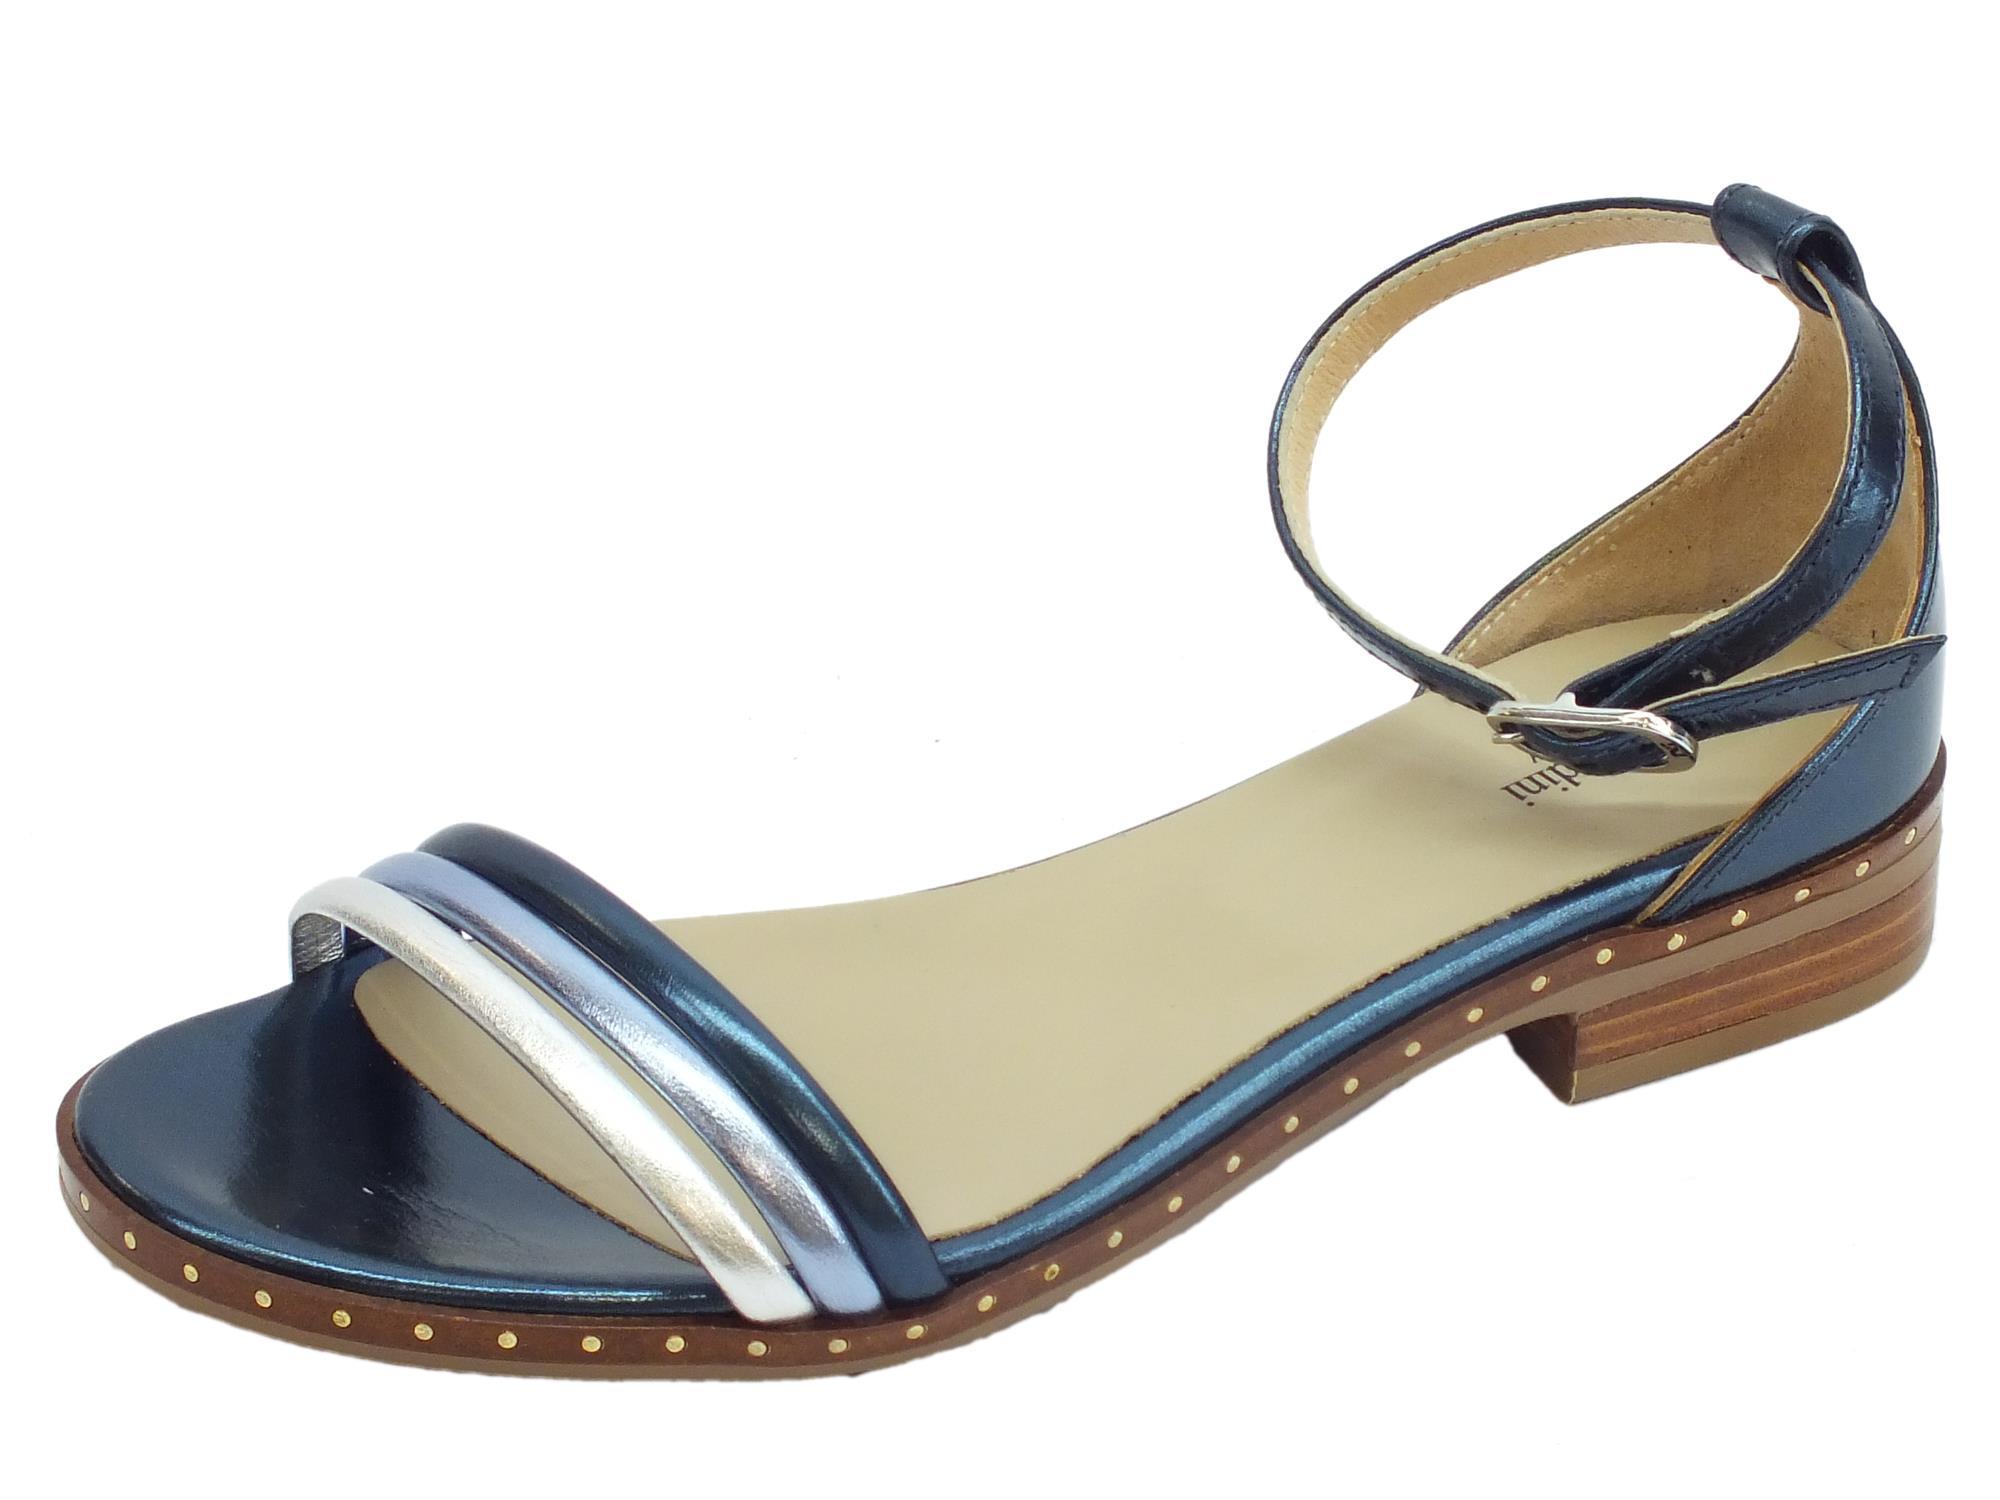 Sandali donna NeroGiardini in laminato blu e argento tacco basso 30afcfb49b3